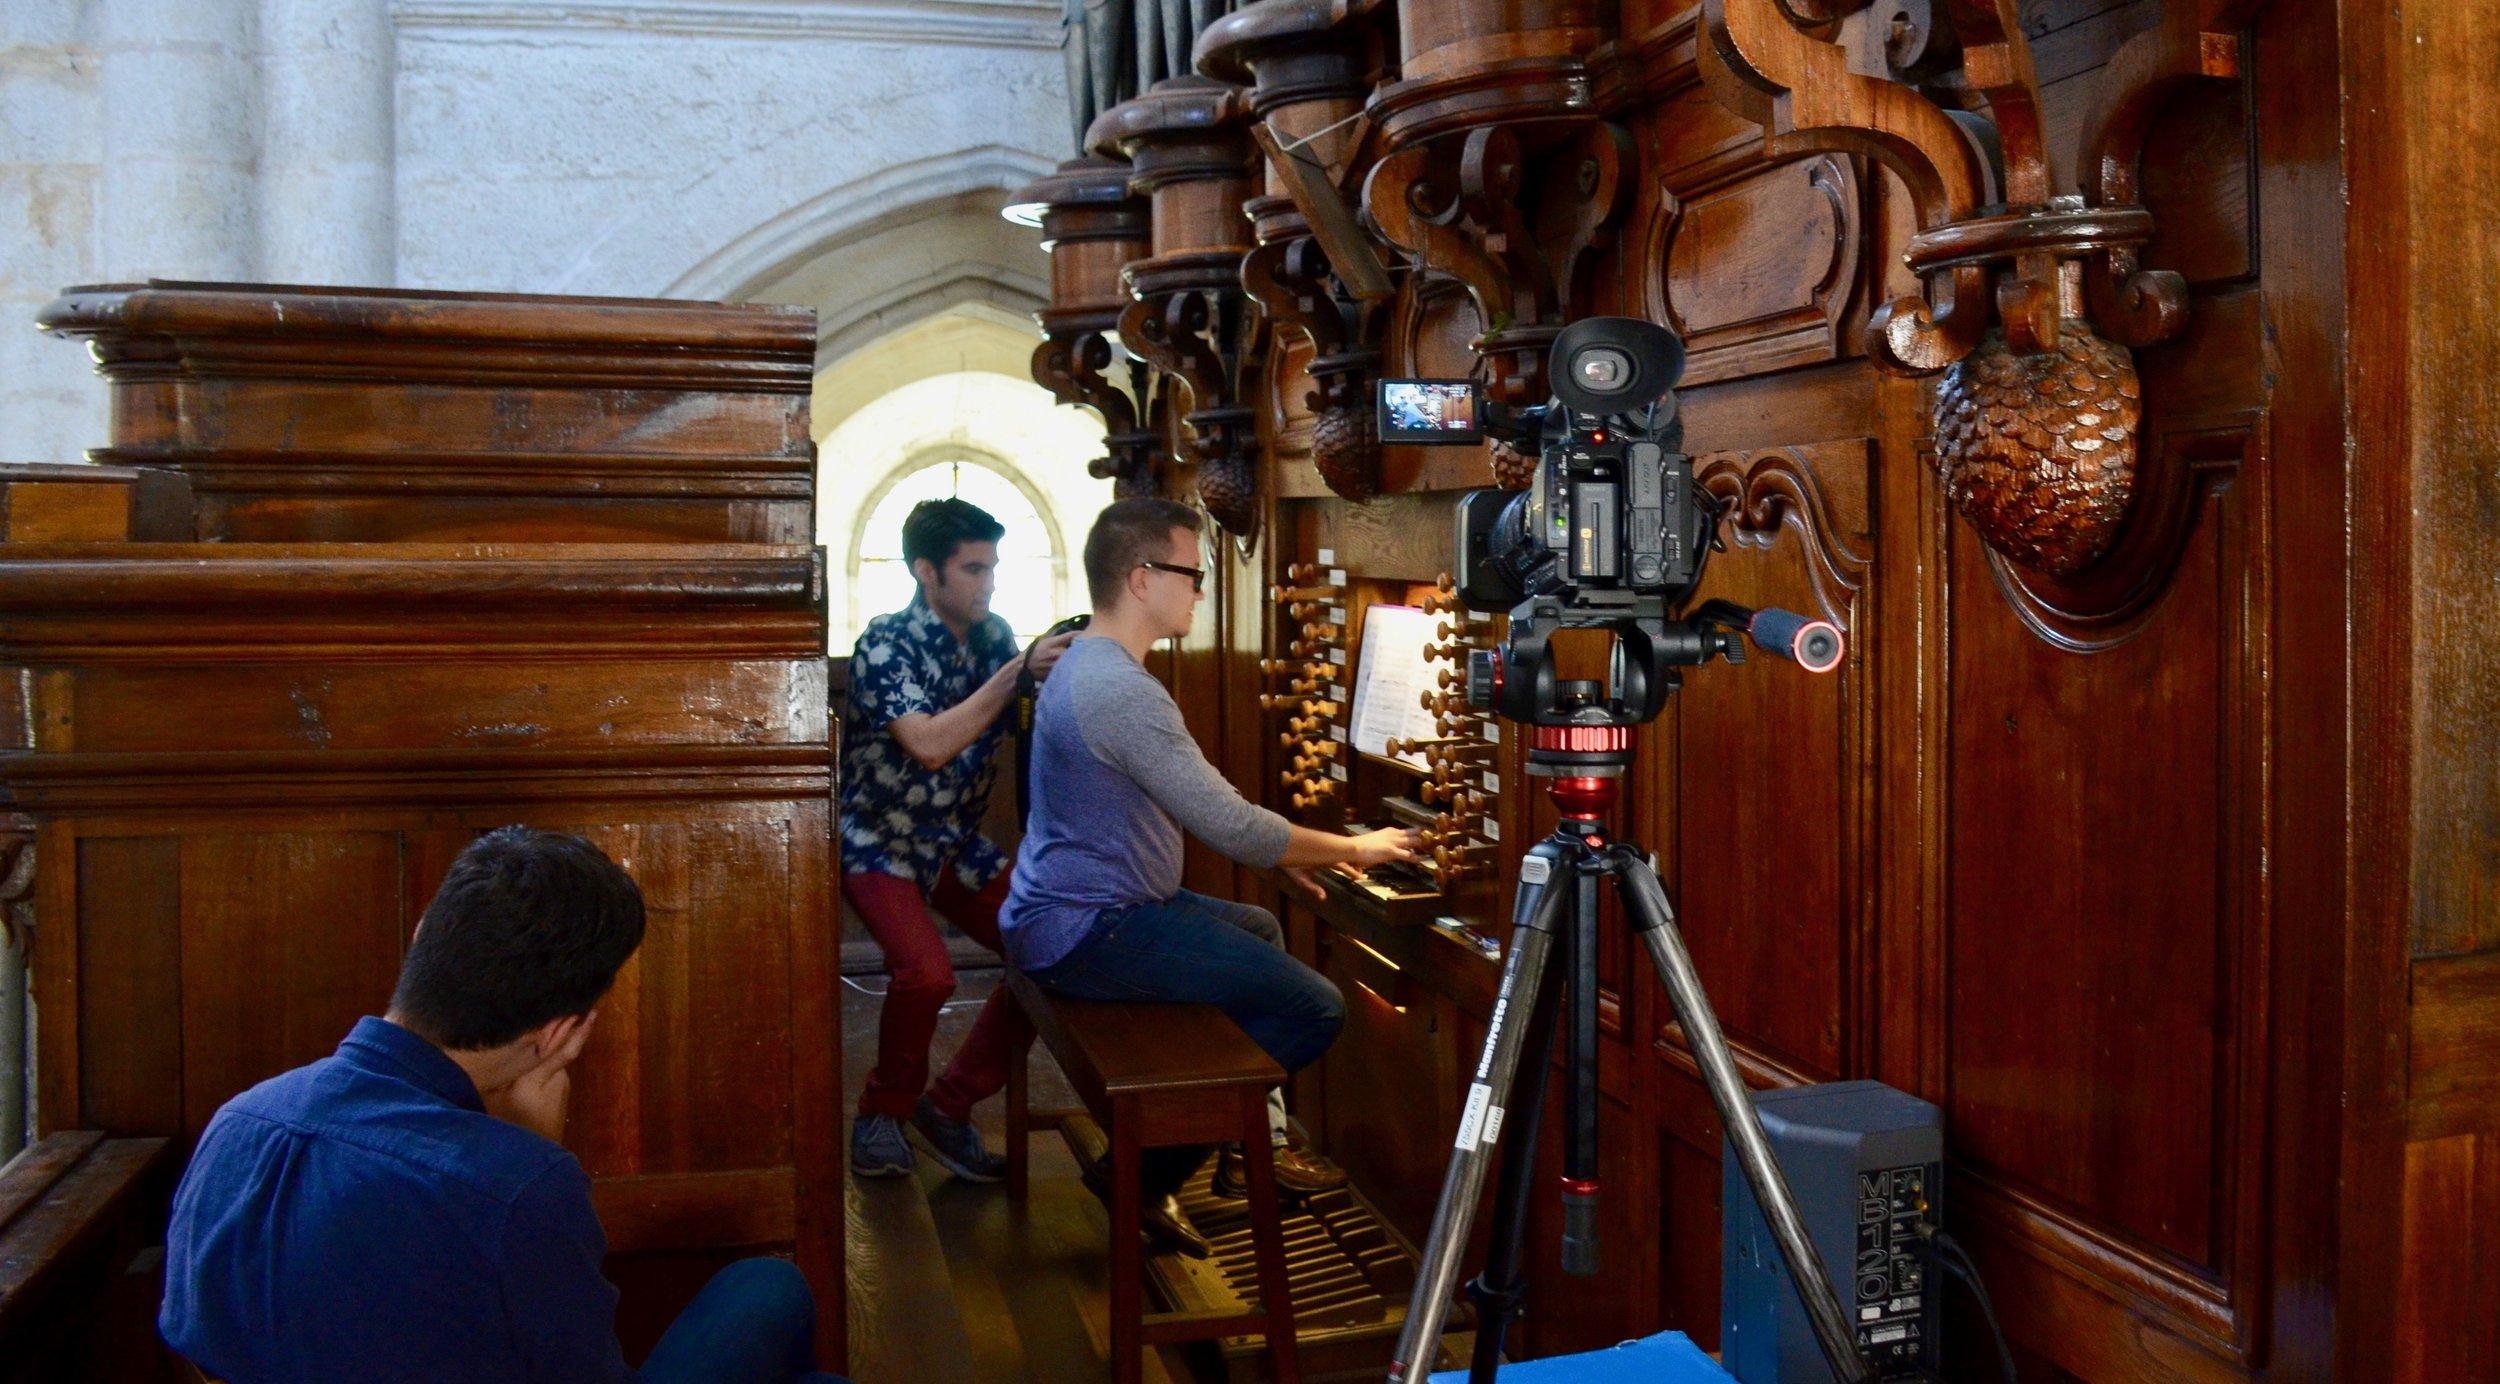 Corey de Tar playing the organ at Rozay-en-Brie!